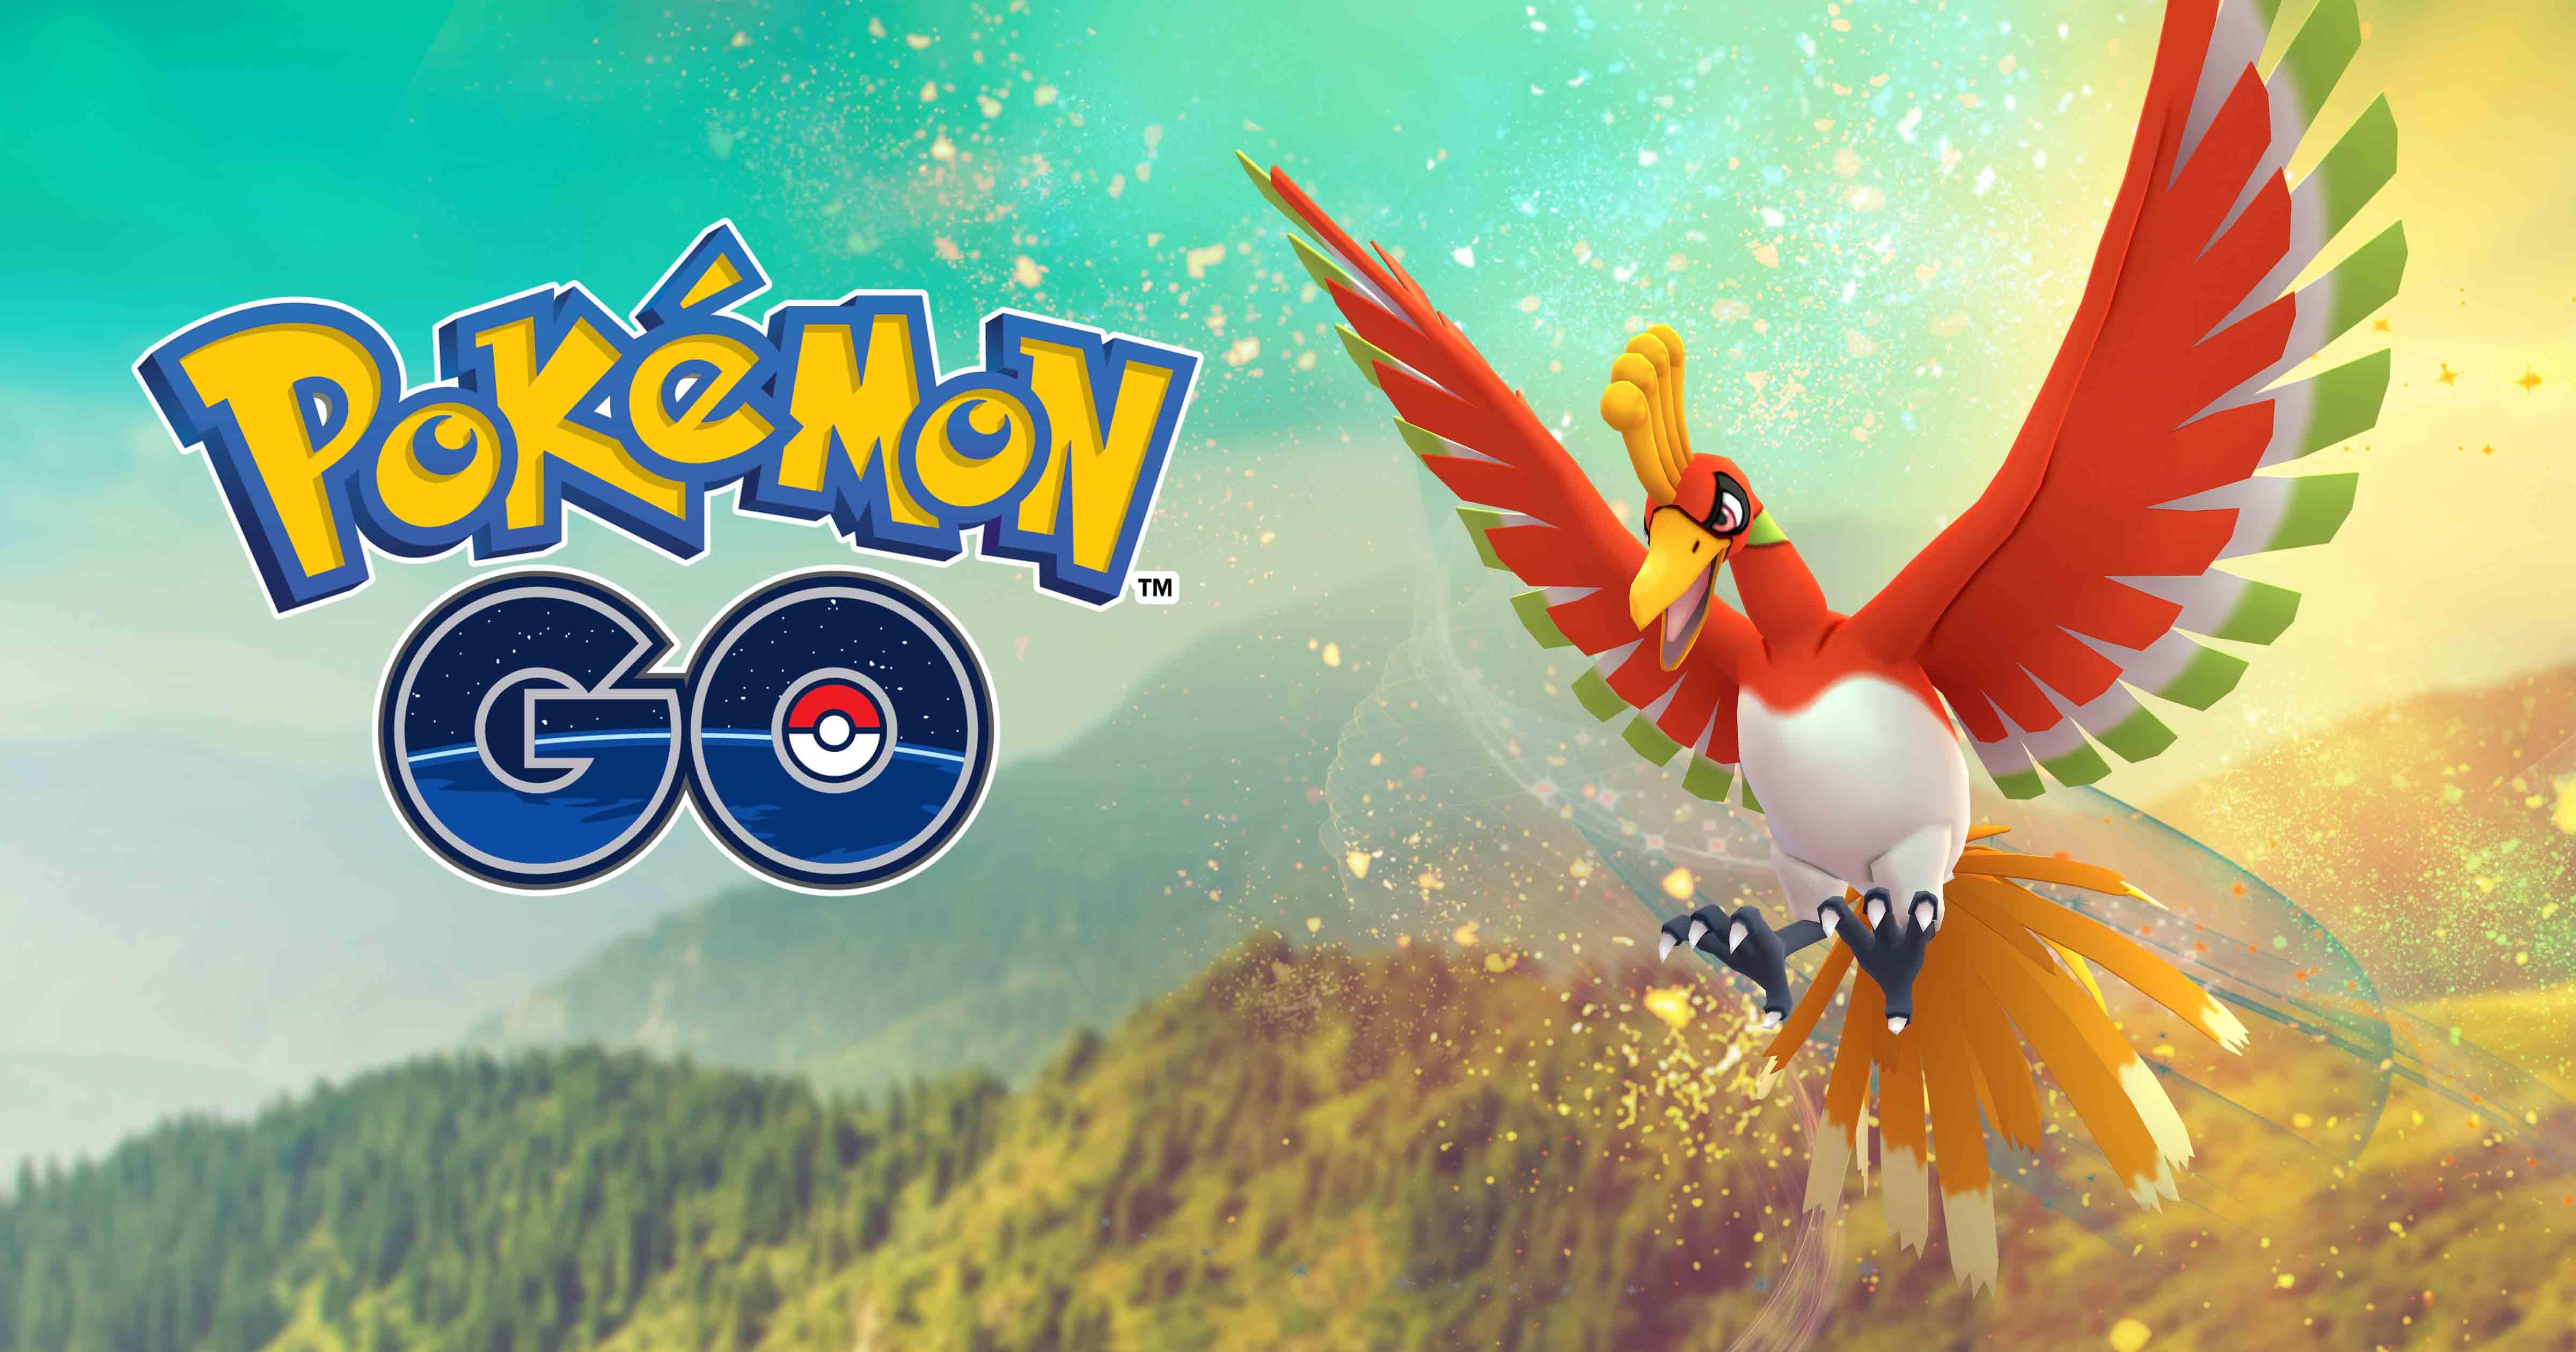 Pokémon GO Ho-Oh Niantic Raid Boss